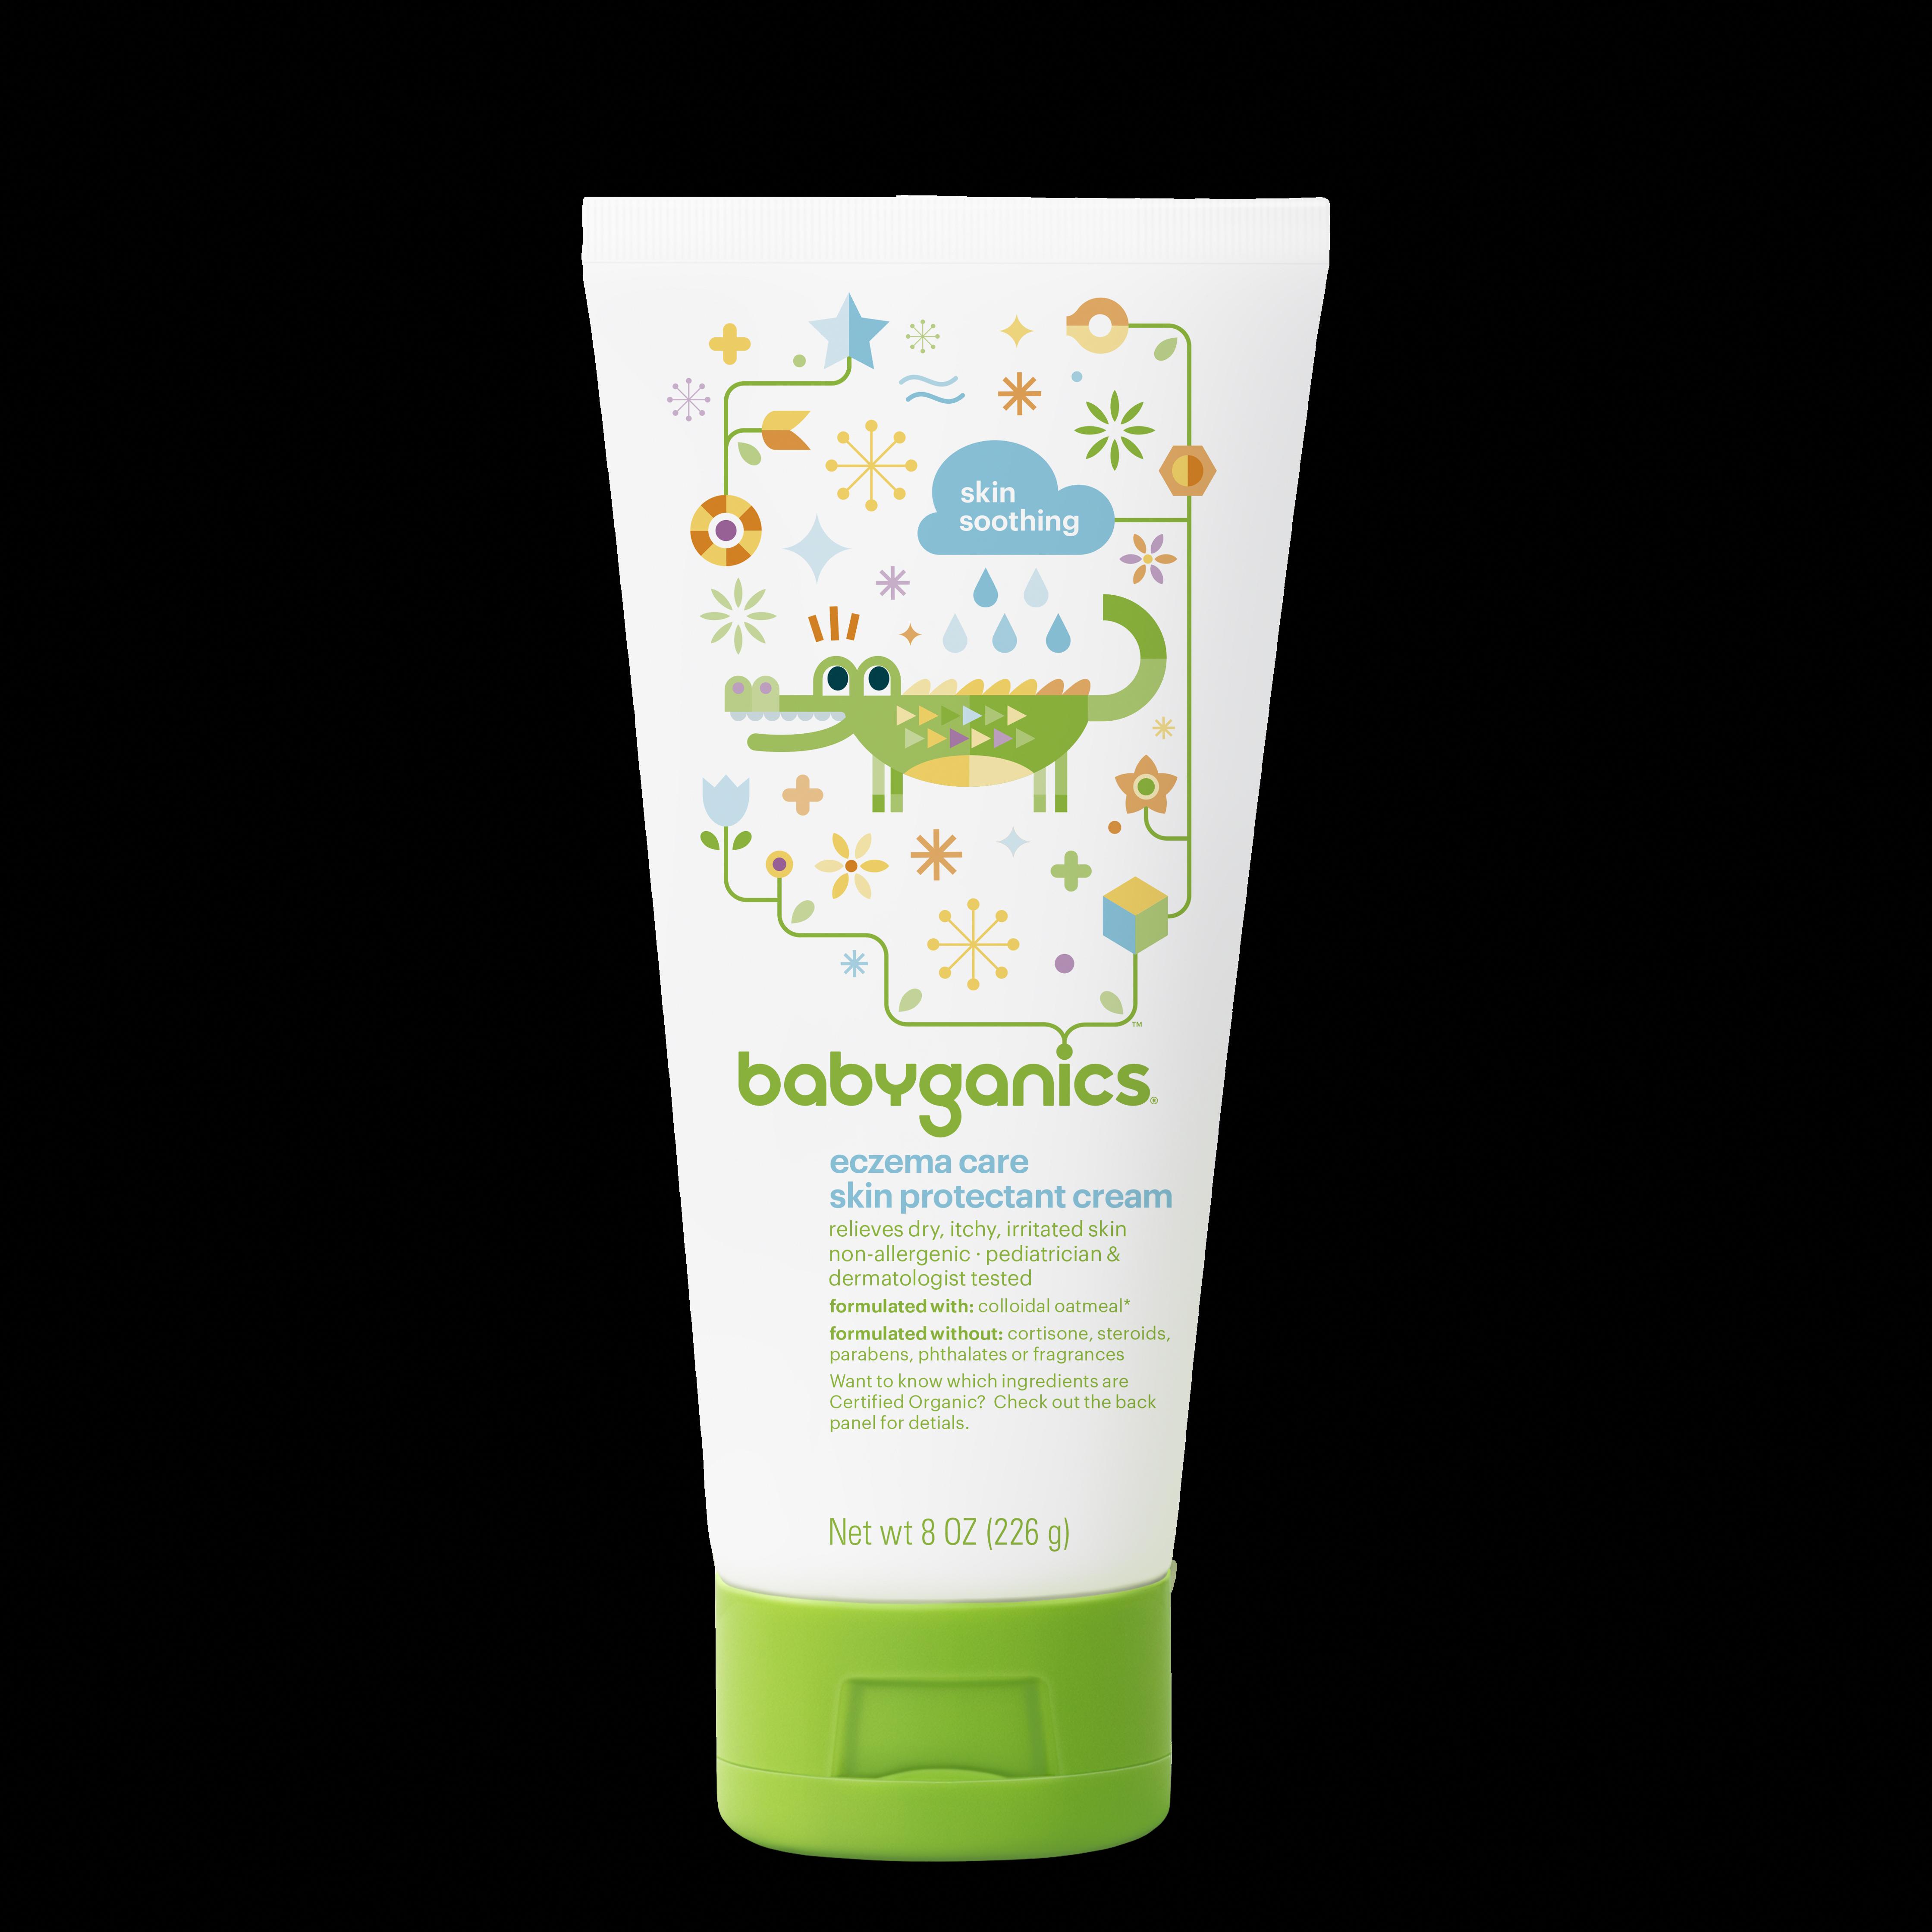 Eczema Lotion 8oz Eczemalotions Eczema Cream Babyganics Skin Protection